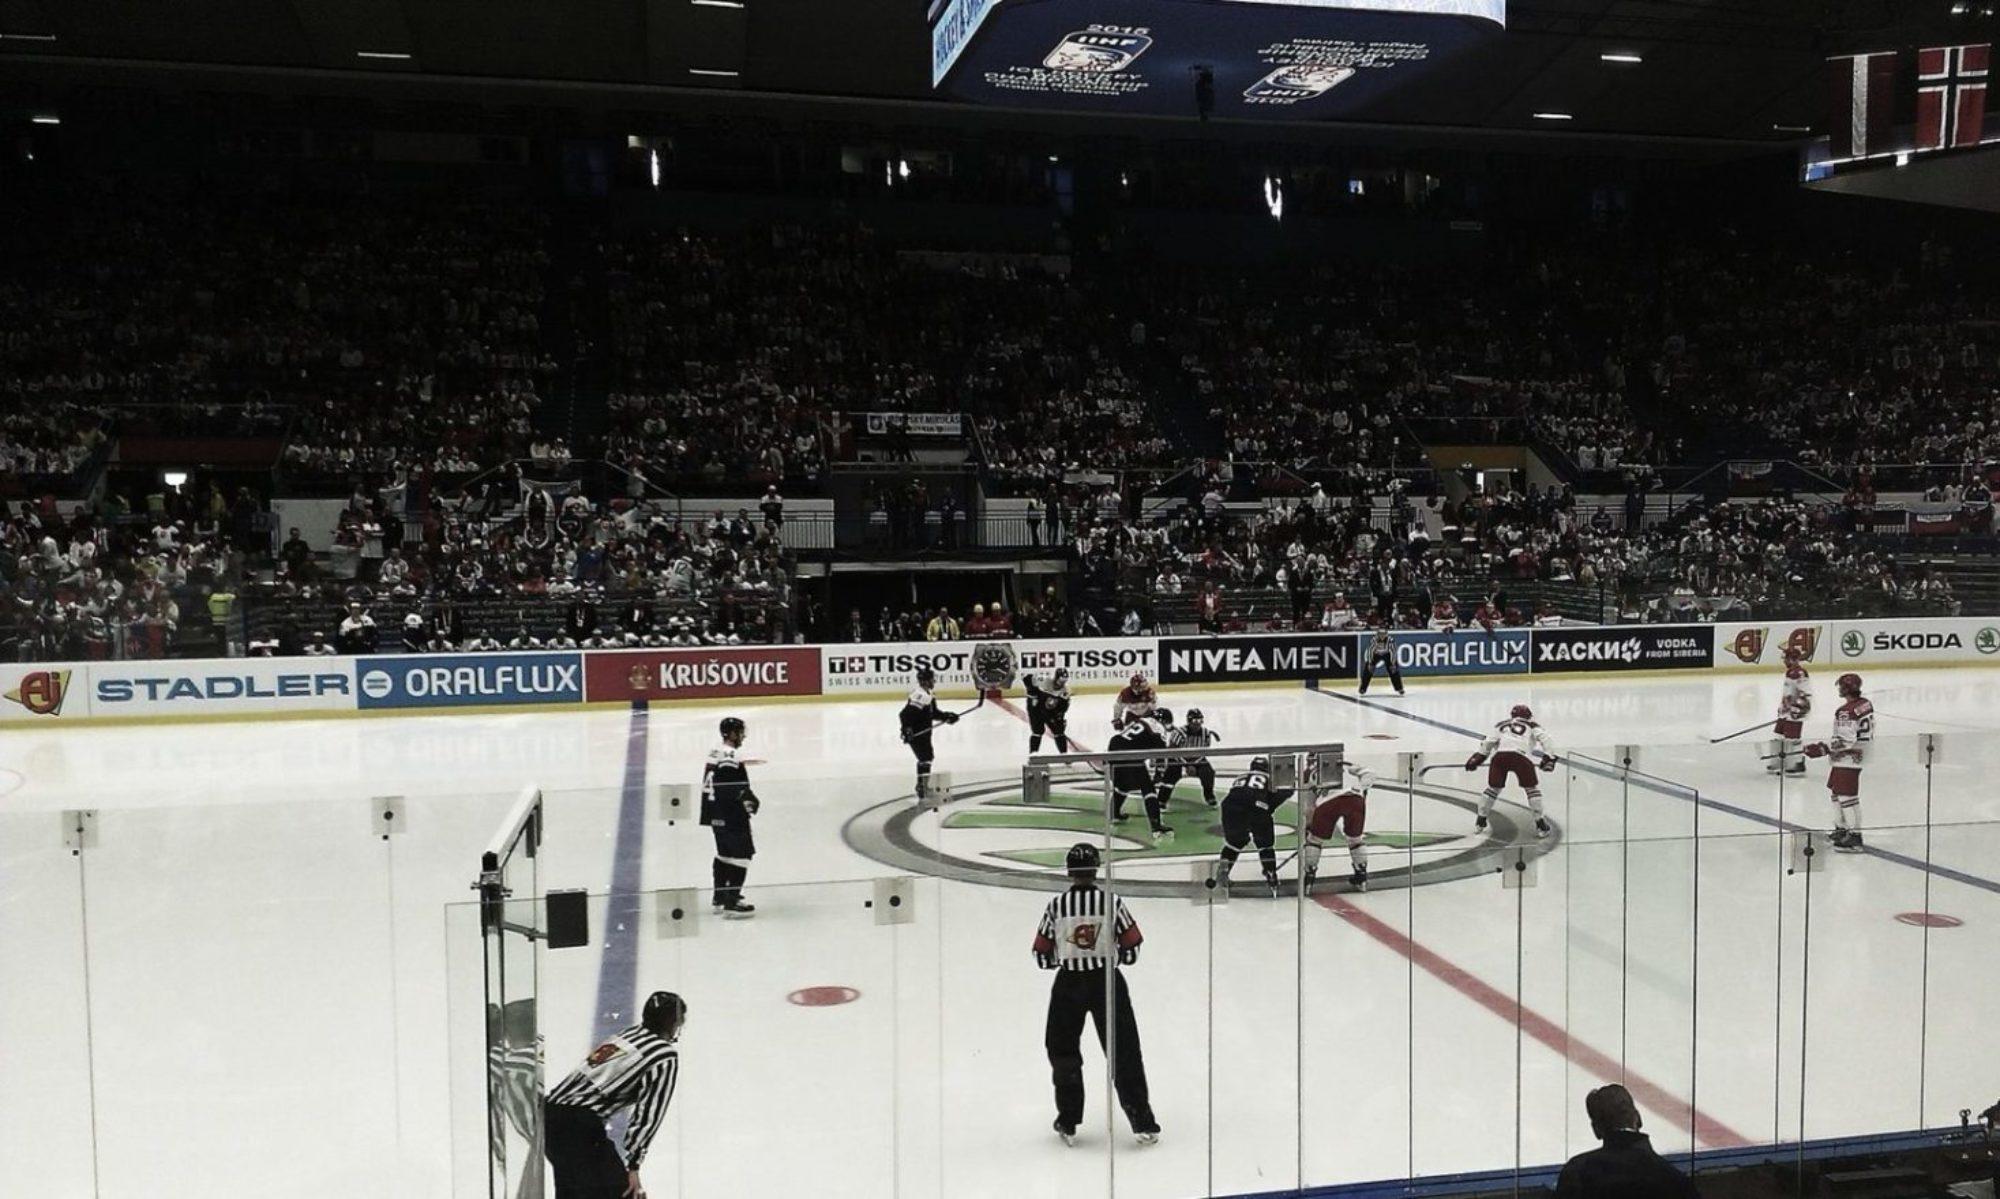 Die IIHF Eishockey WM 2020 Schweiz wurde aufgrund der Corona-Pandemie abgesagt